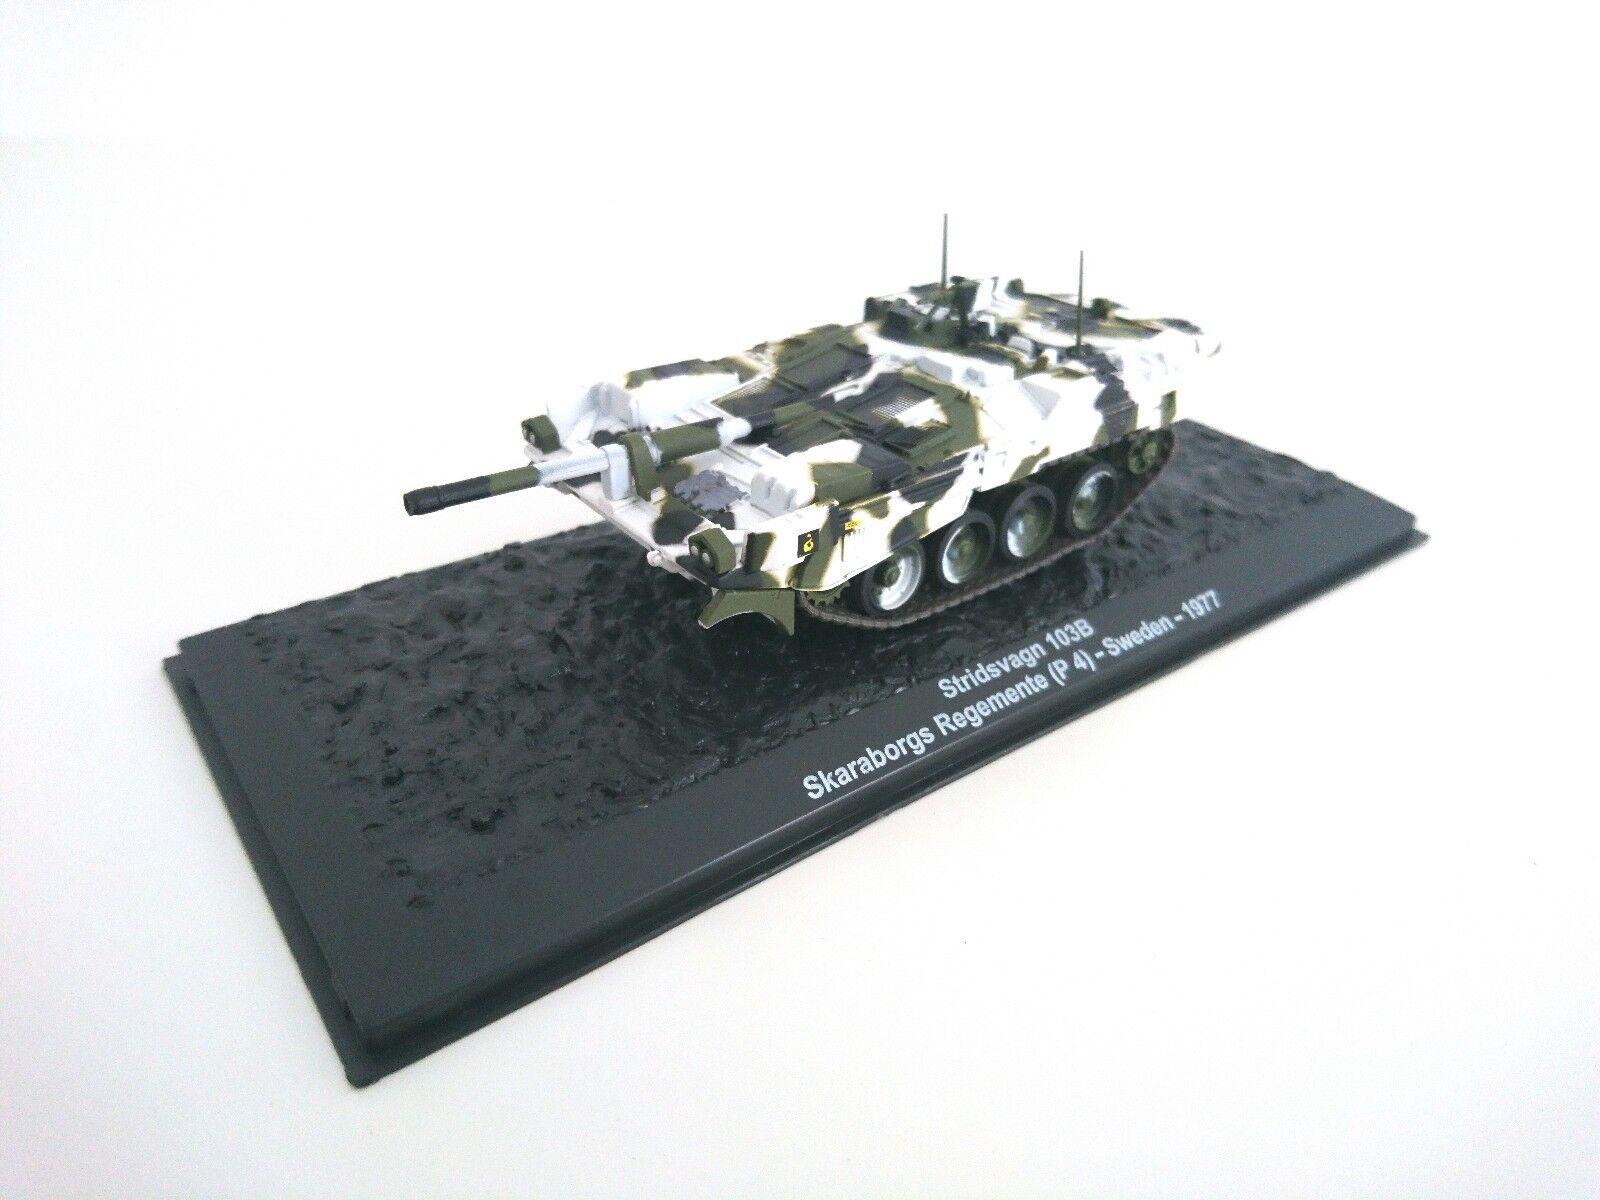 Strv 103C 103C 103C MBT Trumpeter 1 72 MILITÄR FAHRZEUG KAMPFPANZER PZ-WW2 PANZER-A32 3470ba